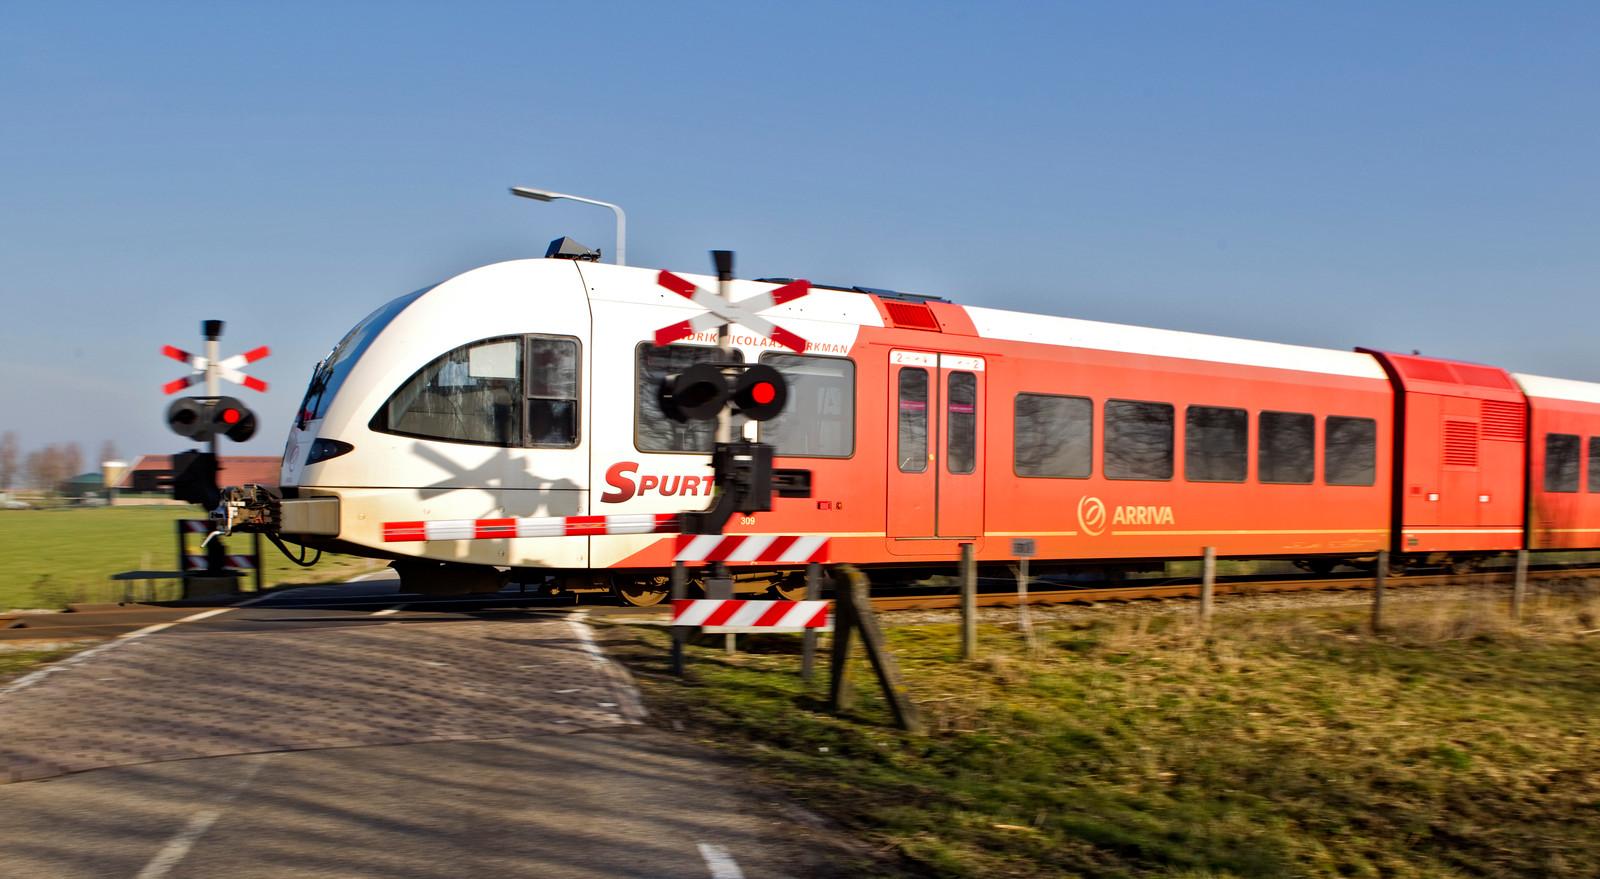 Een trein van Arriva rijdt over een enkel spoor tussen Sneek en Stavoren door het Friese platteland.